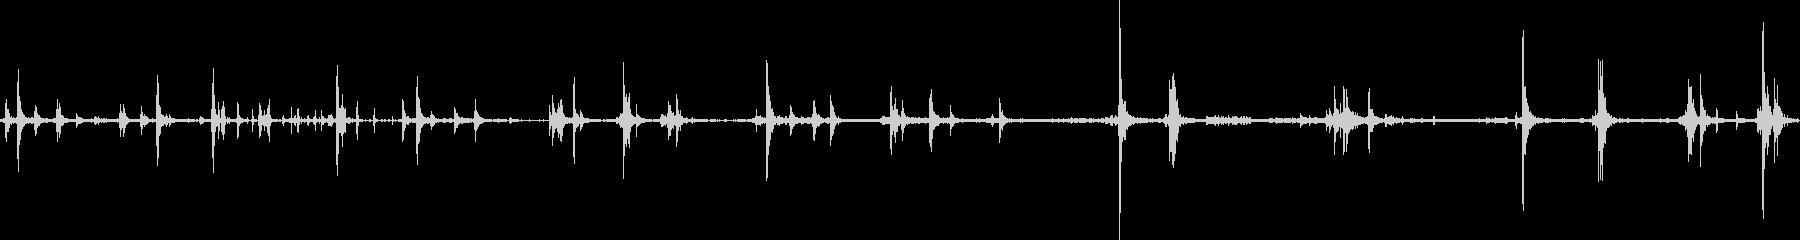 トラックギアシフトの未再生の波形